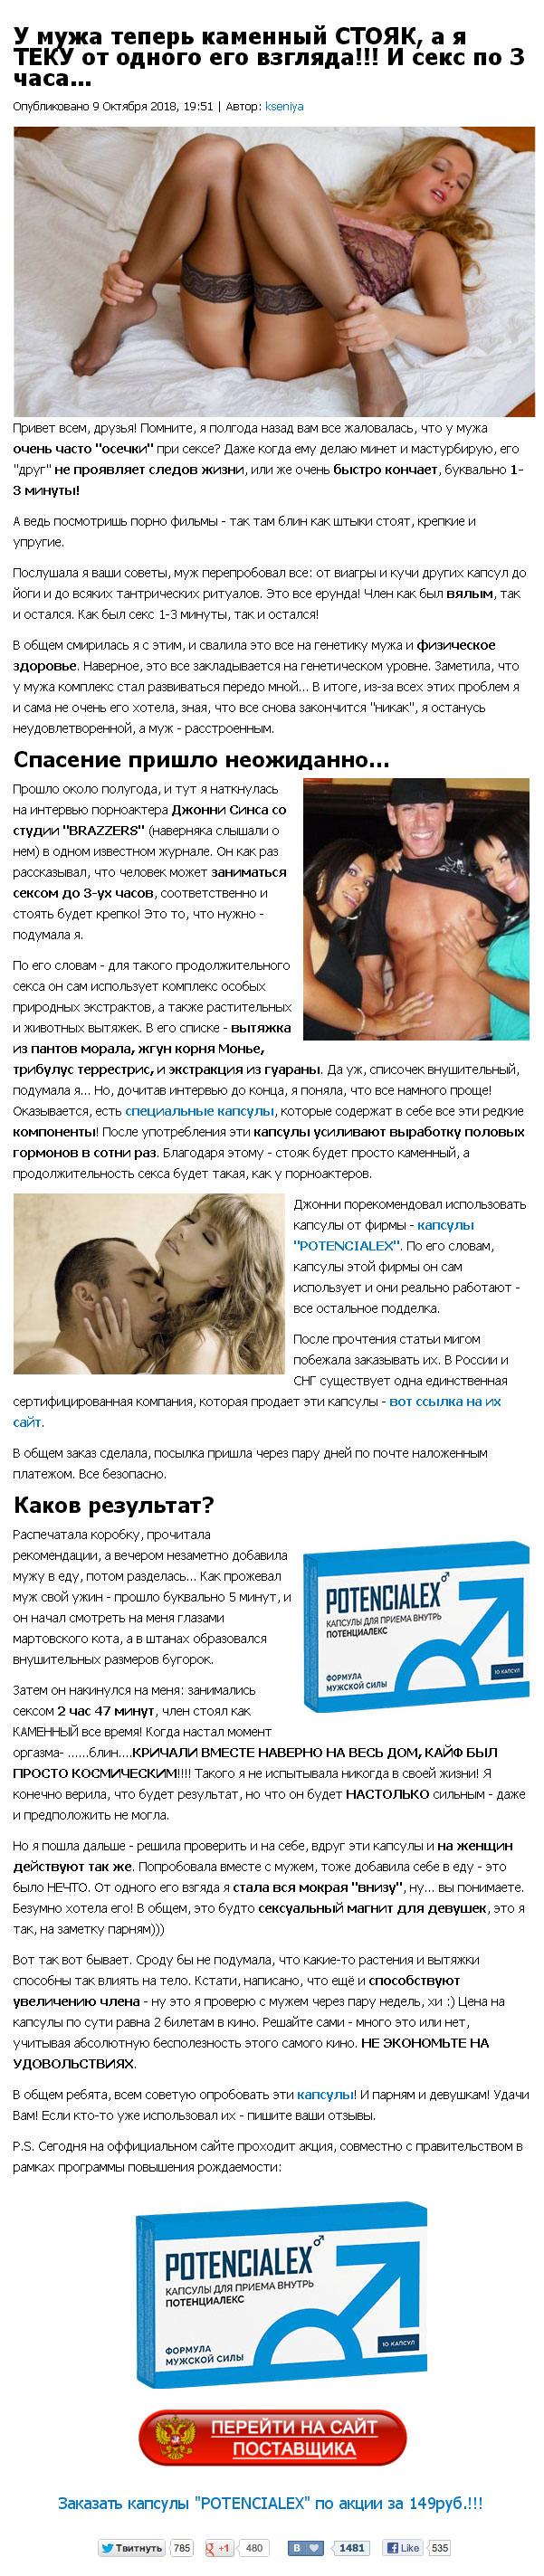 Препарат для усиления потенции потенциалекс (potencialex) отзывы - препараты широкого спектра действия - первый независимый сайт отзывов россии